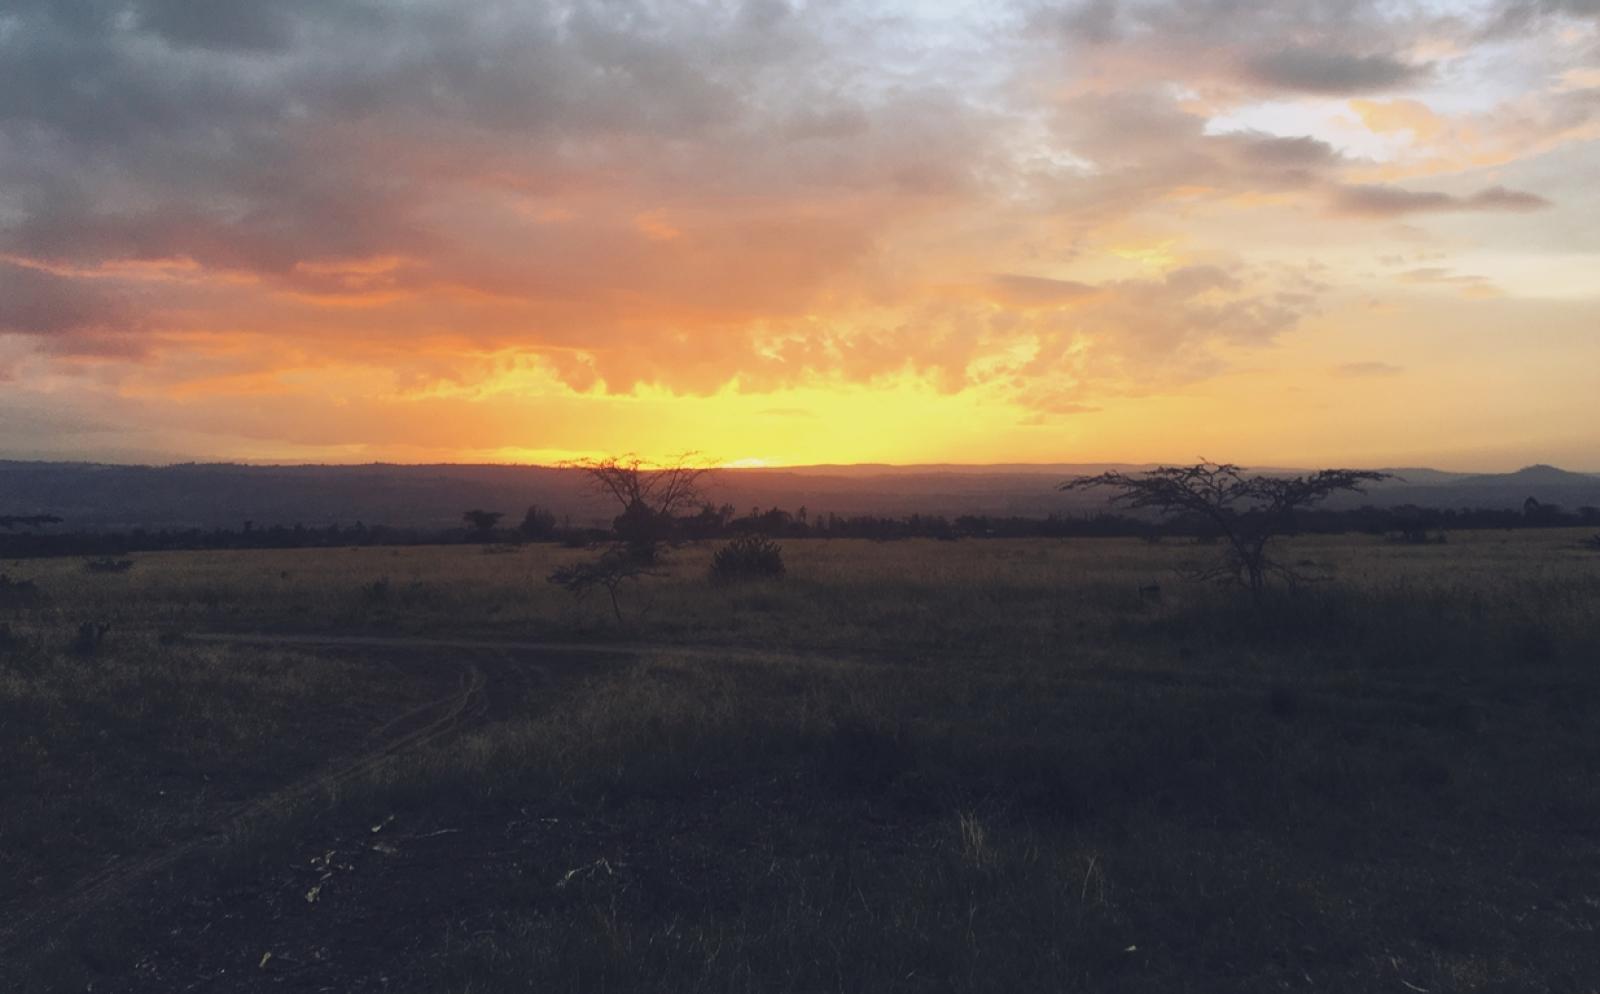 ケニアでアフリカ東部サバンナ環境保護ボランティア中の土居明美咲さんが見た景色